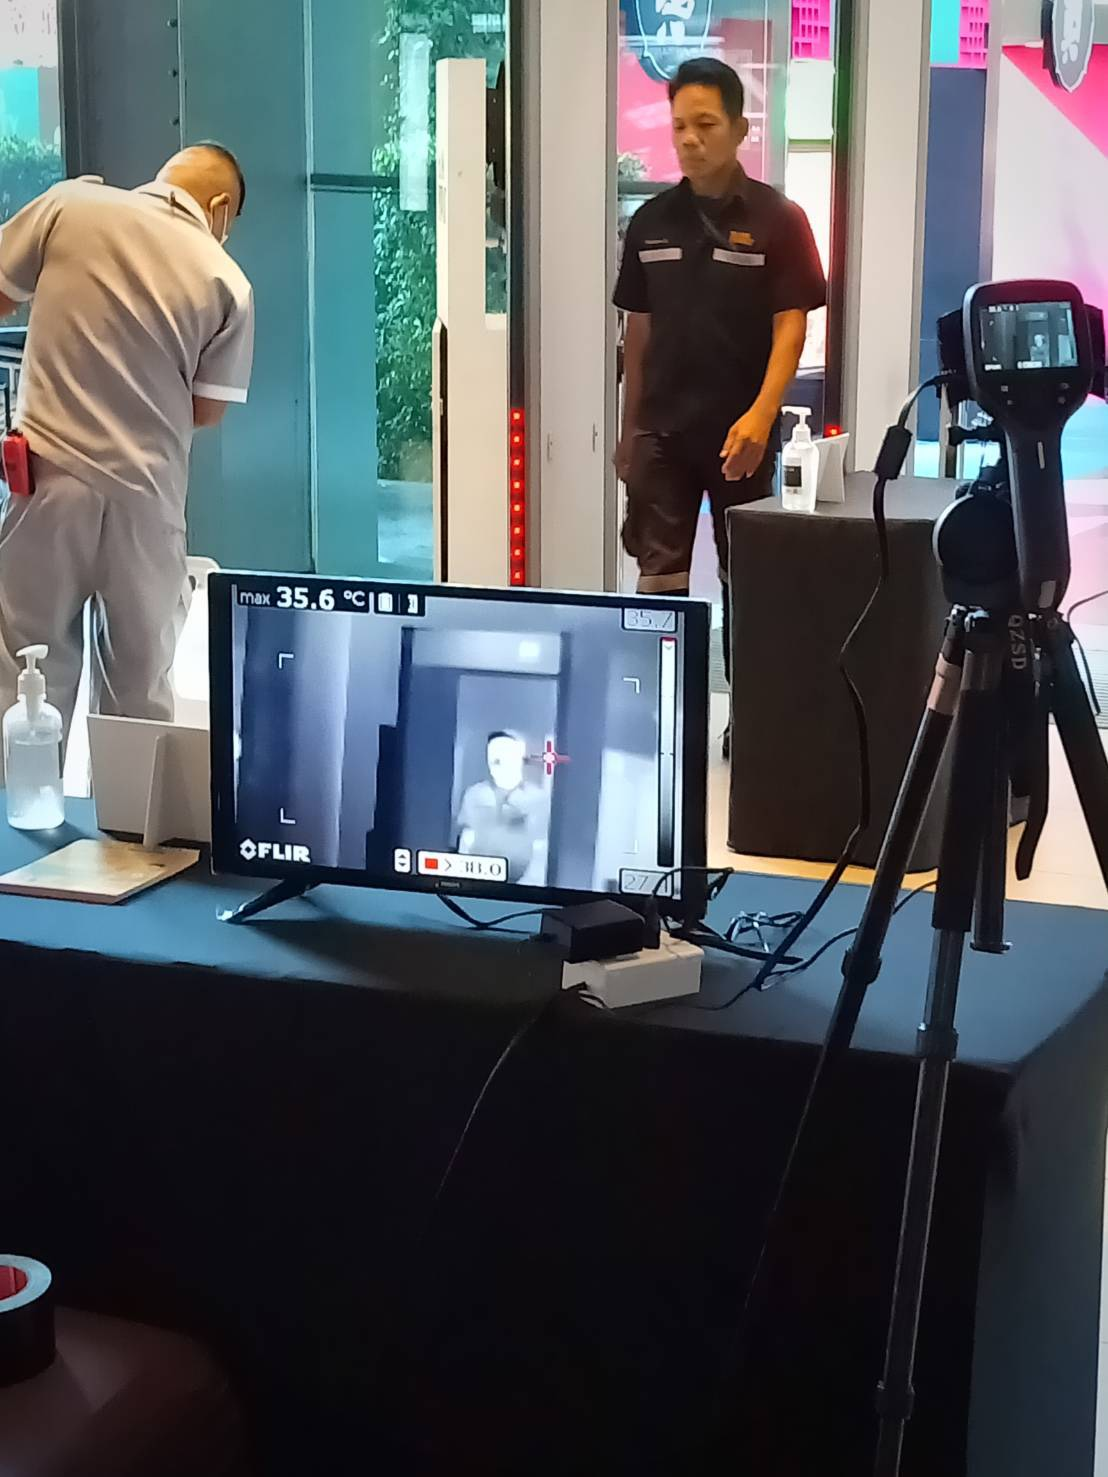 กล้องอินฟราเรด Infrared Camera FLIR E53